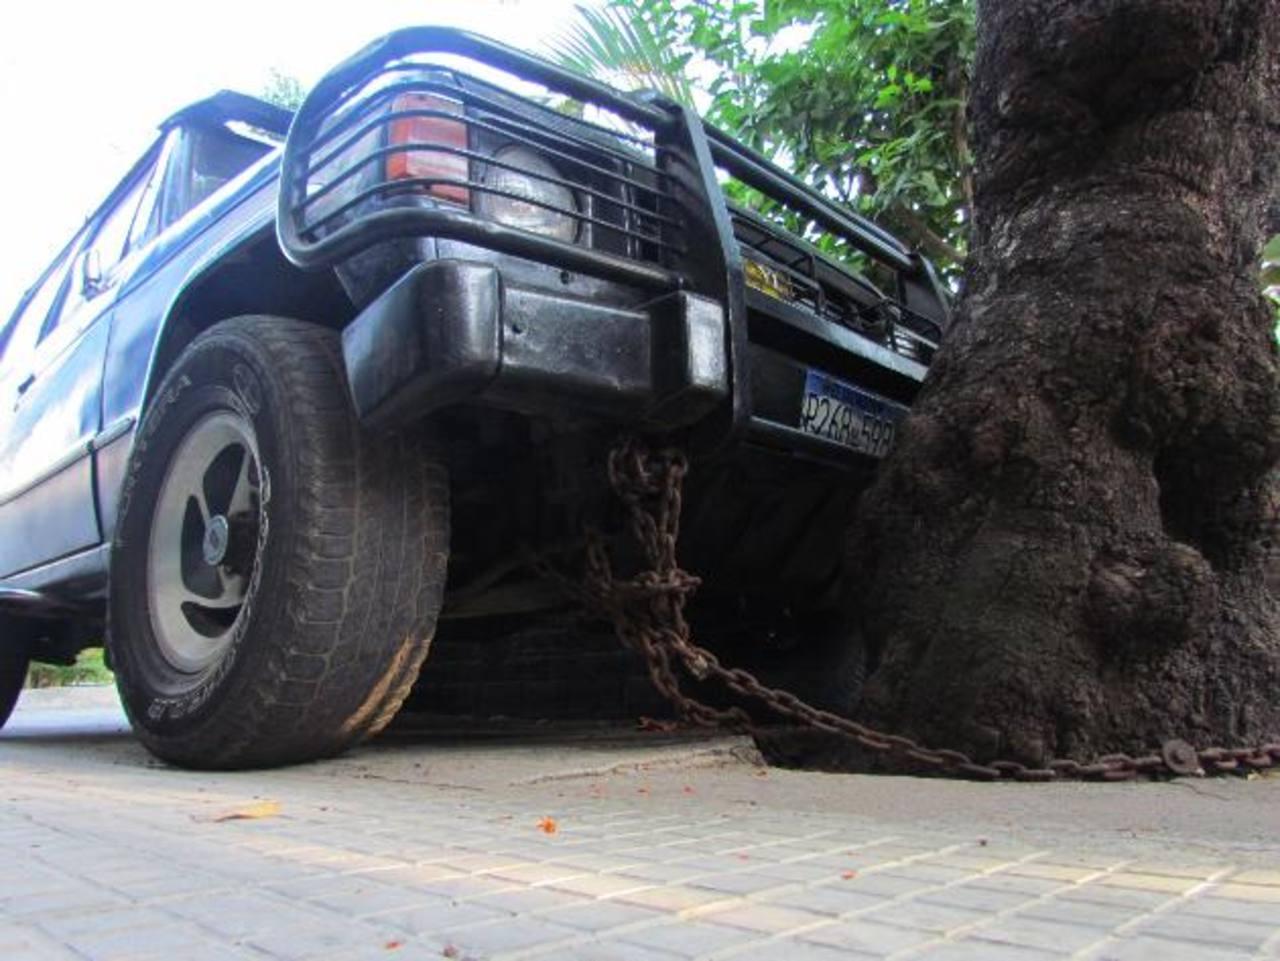 Los residentes del barrio San Rafael, en Santa Ana, han encontrado una forma peculiar de cuidar sus autos para evitar los hurtos. Foto EDH / Mauricio Guevara